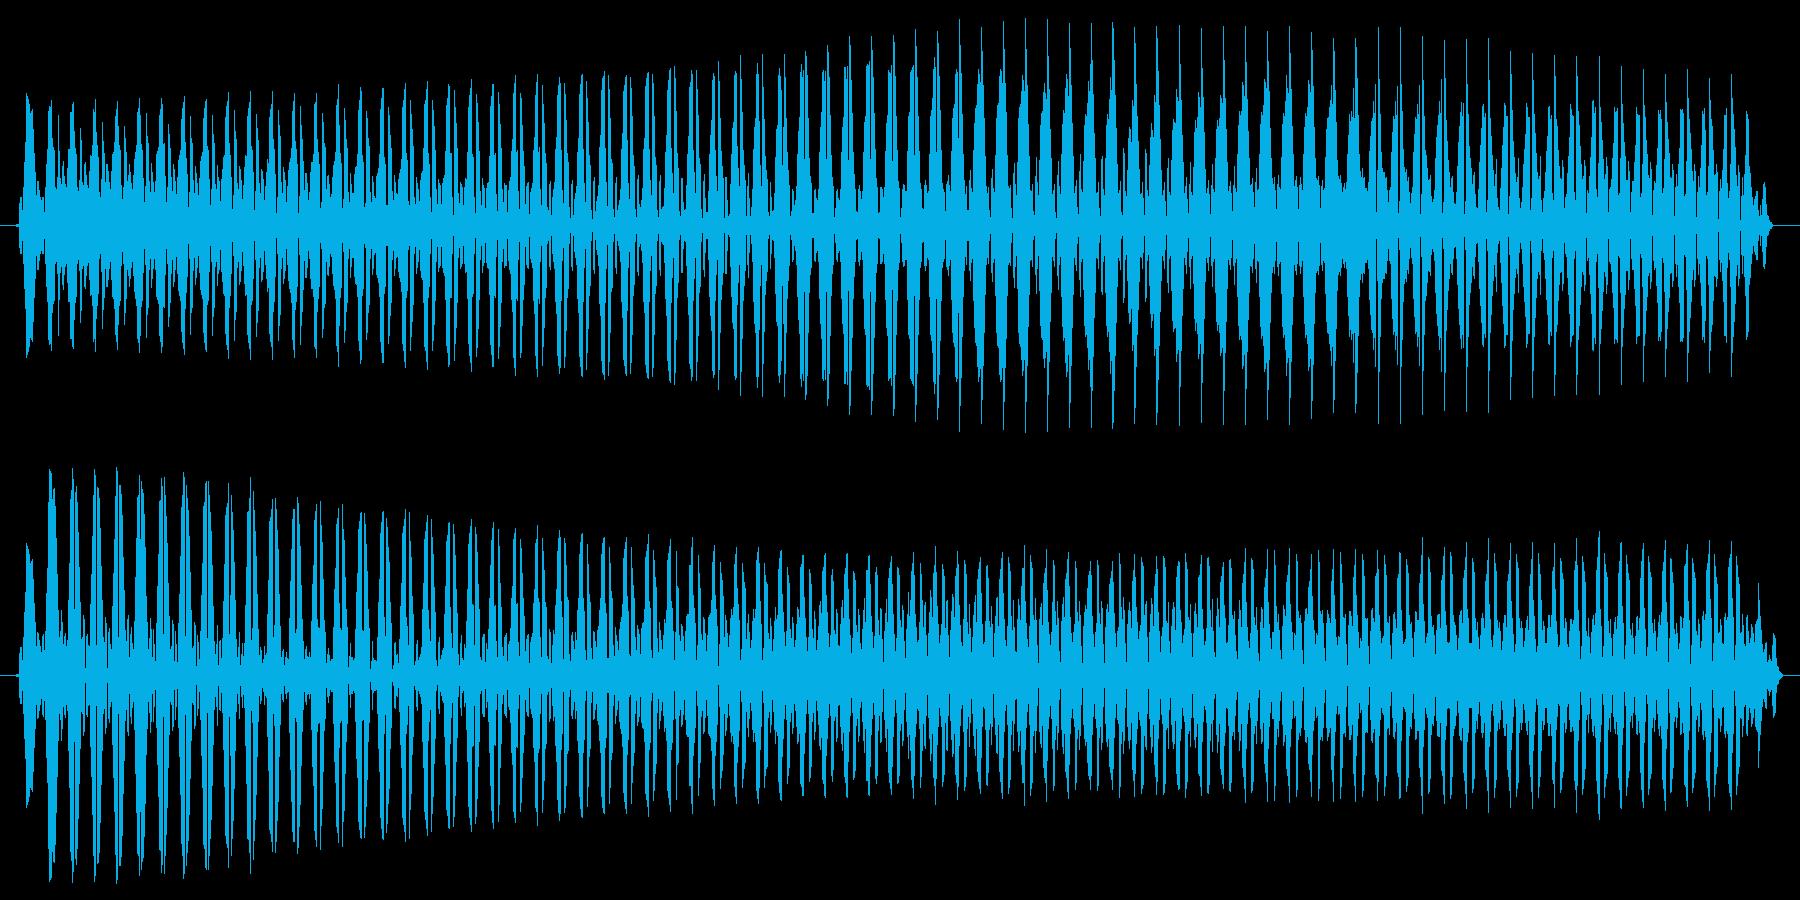 ヴュゥー。クイズ不正解・ブザー音の再生済みの波形